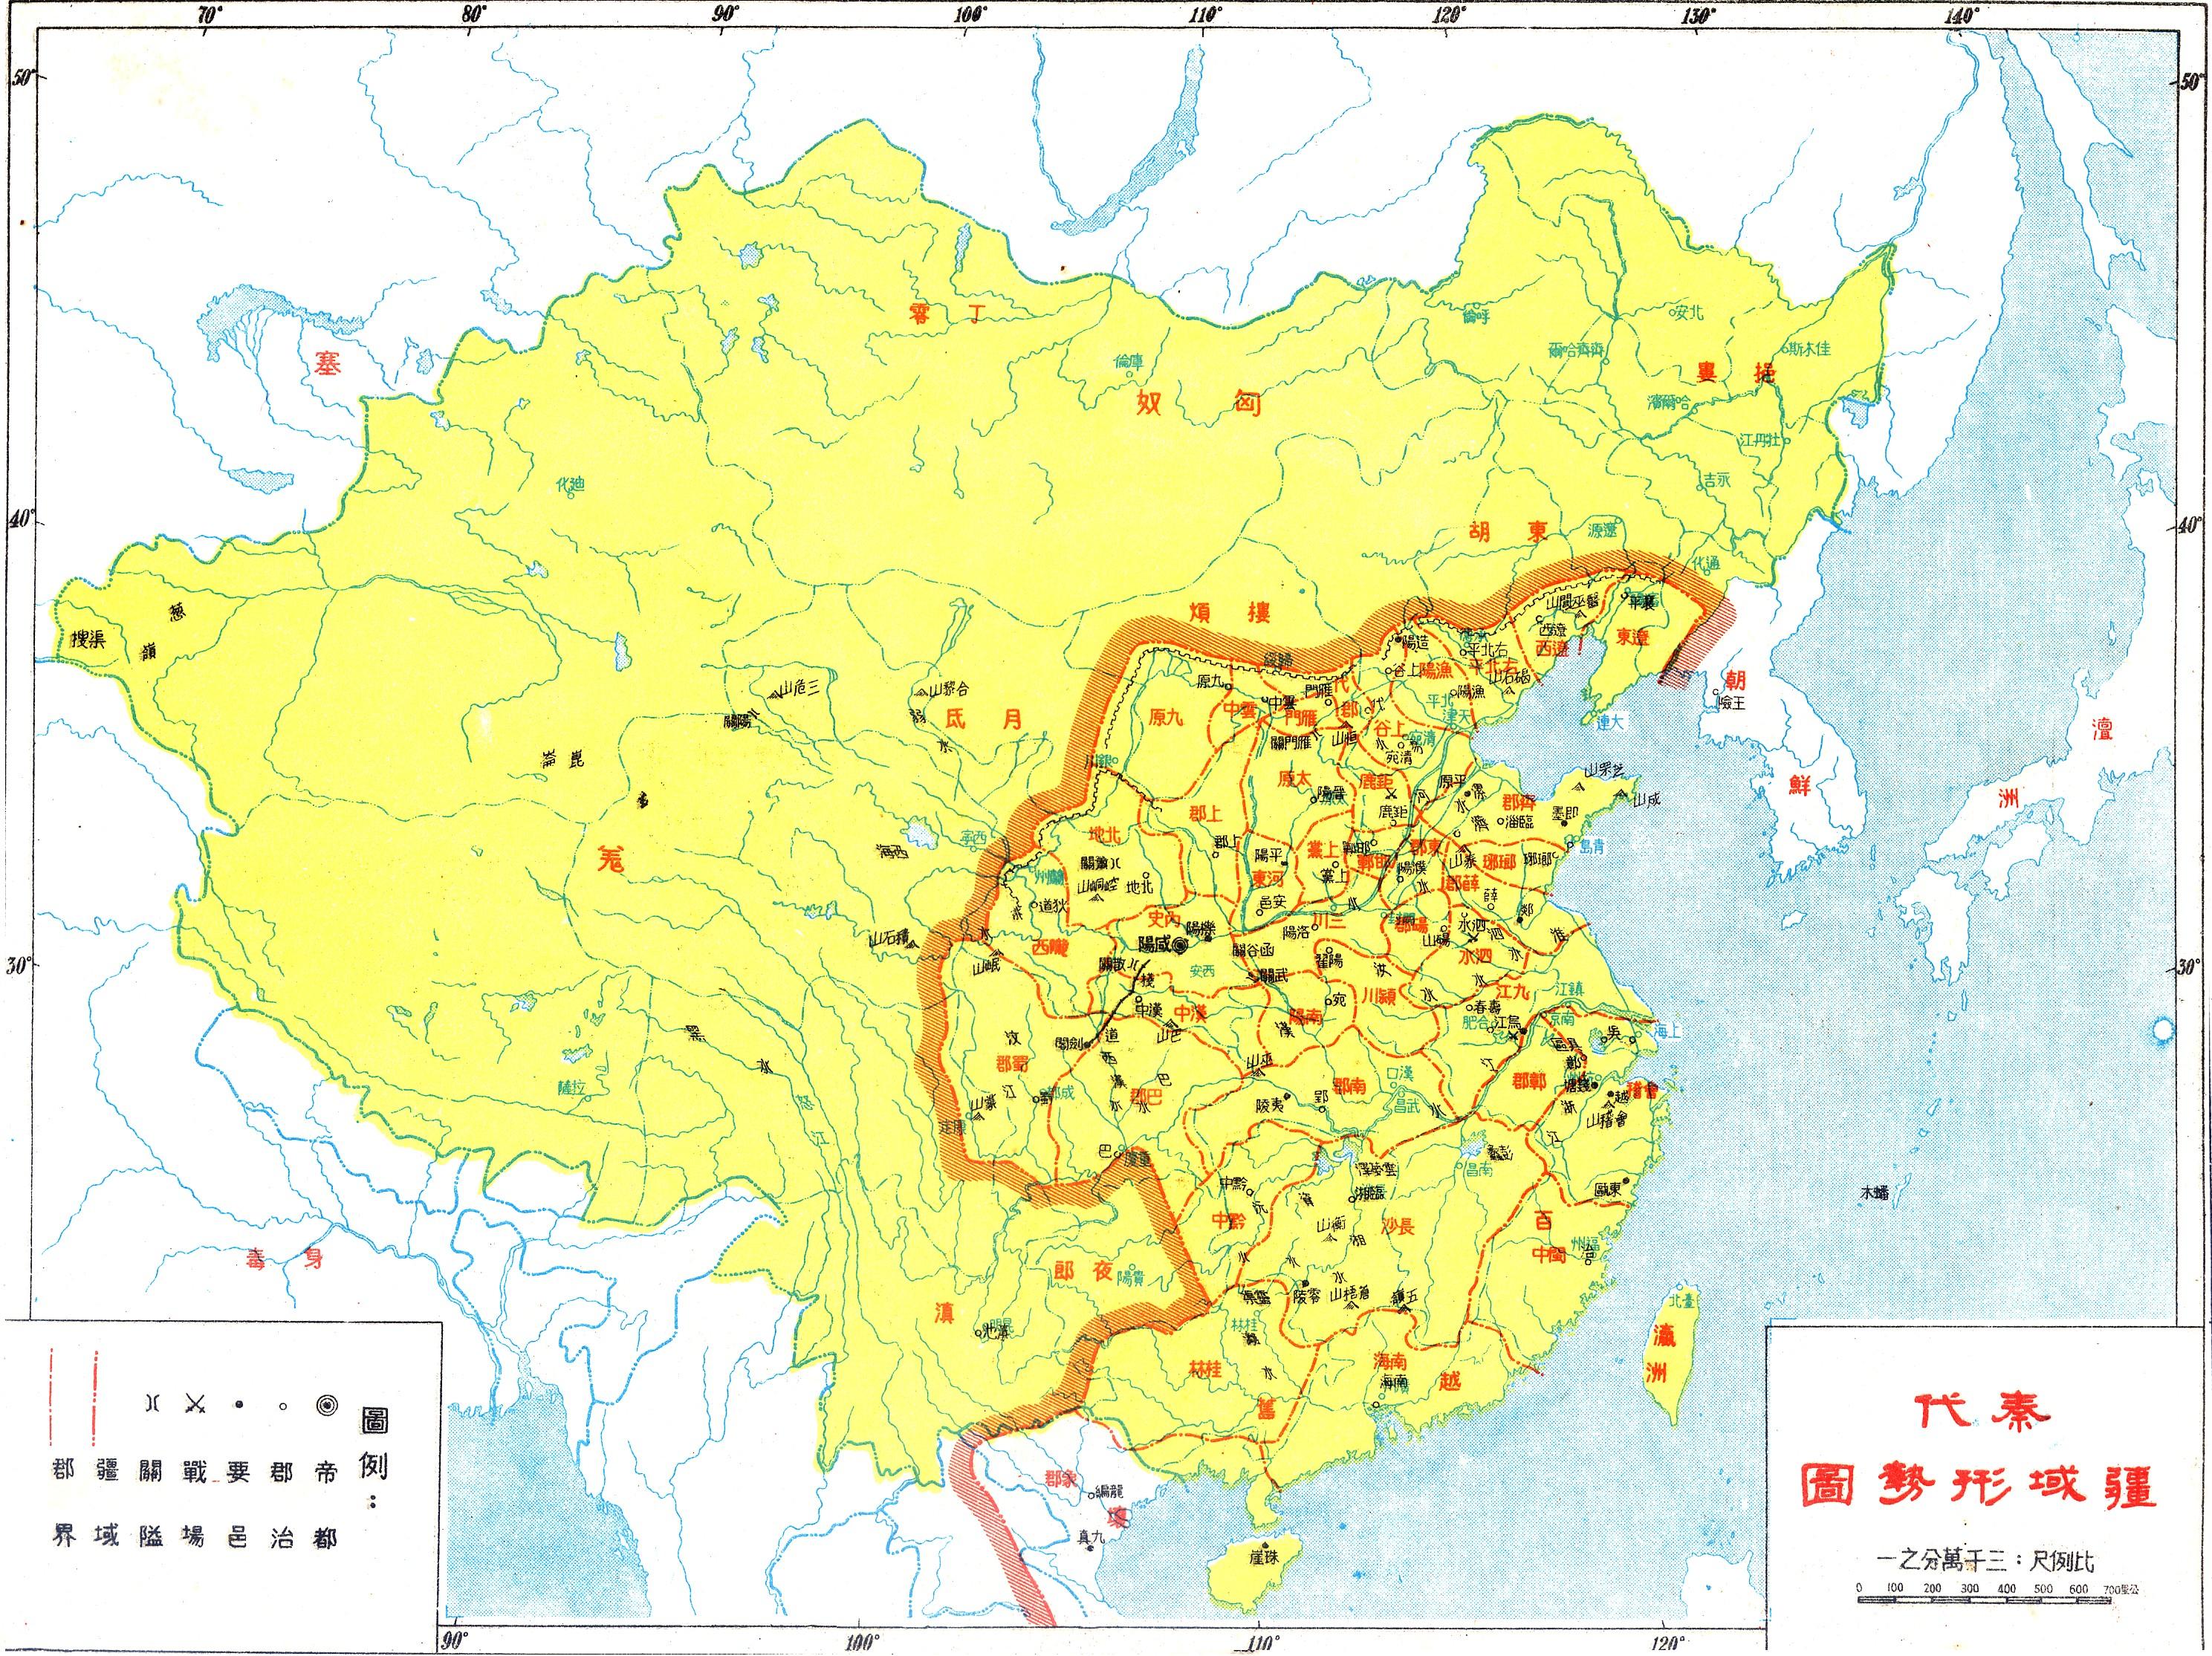 秦代疆域形势图